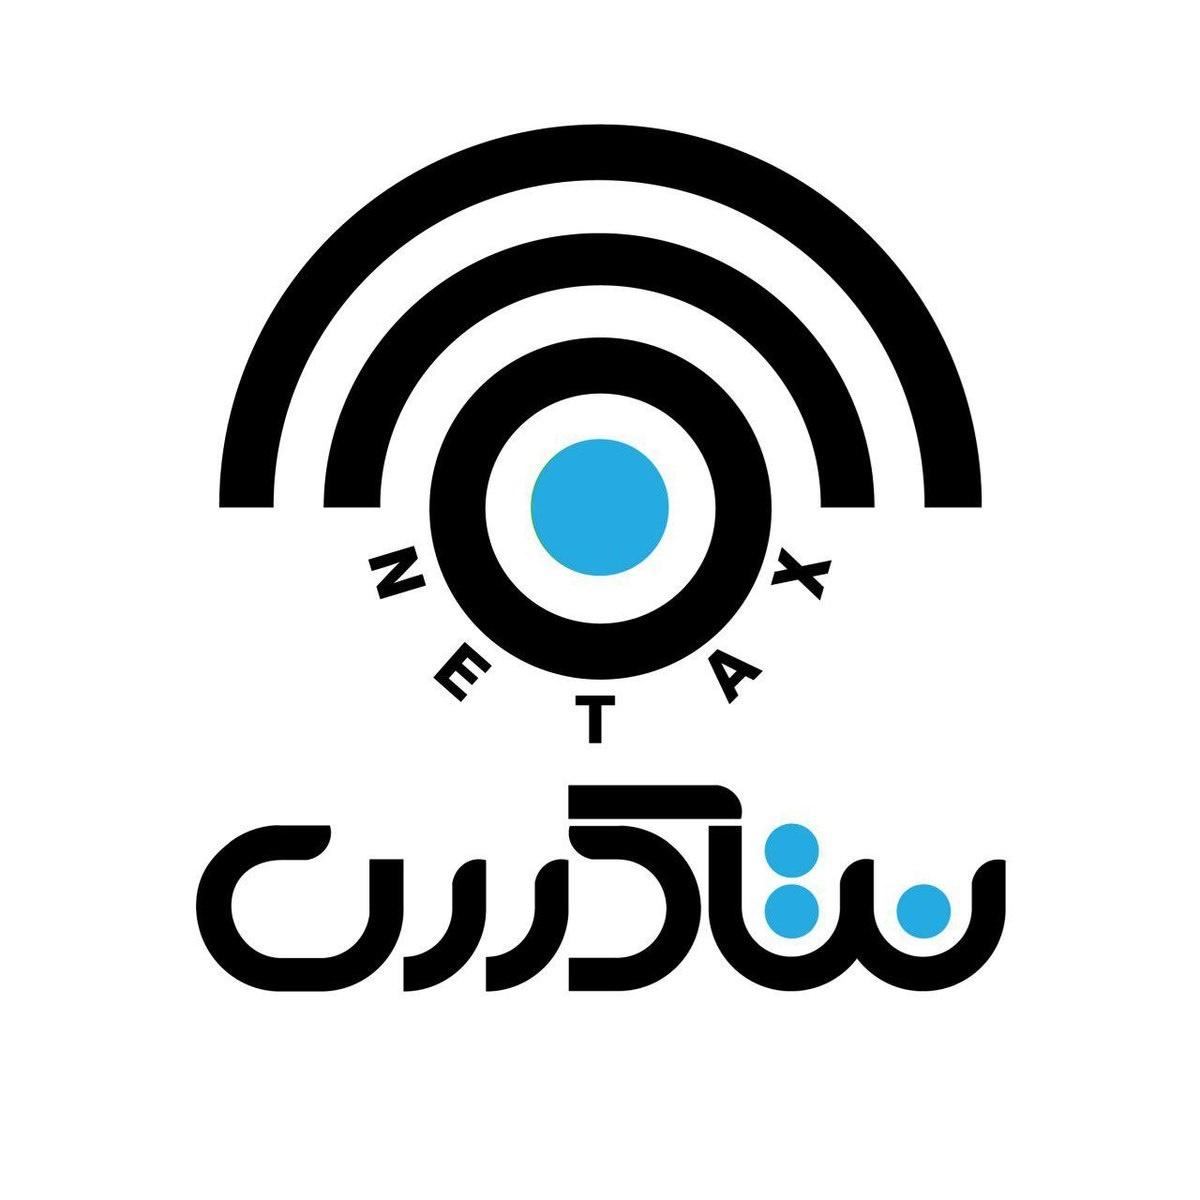 تاکسی اینترنتی در ارومیه / آیا استارتاپ نتاکس در ارومیه موفق خواهد شد؟